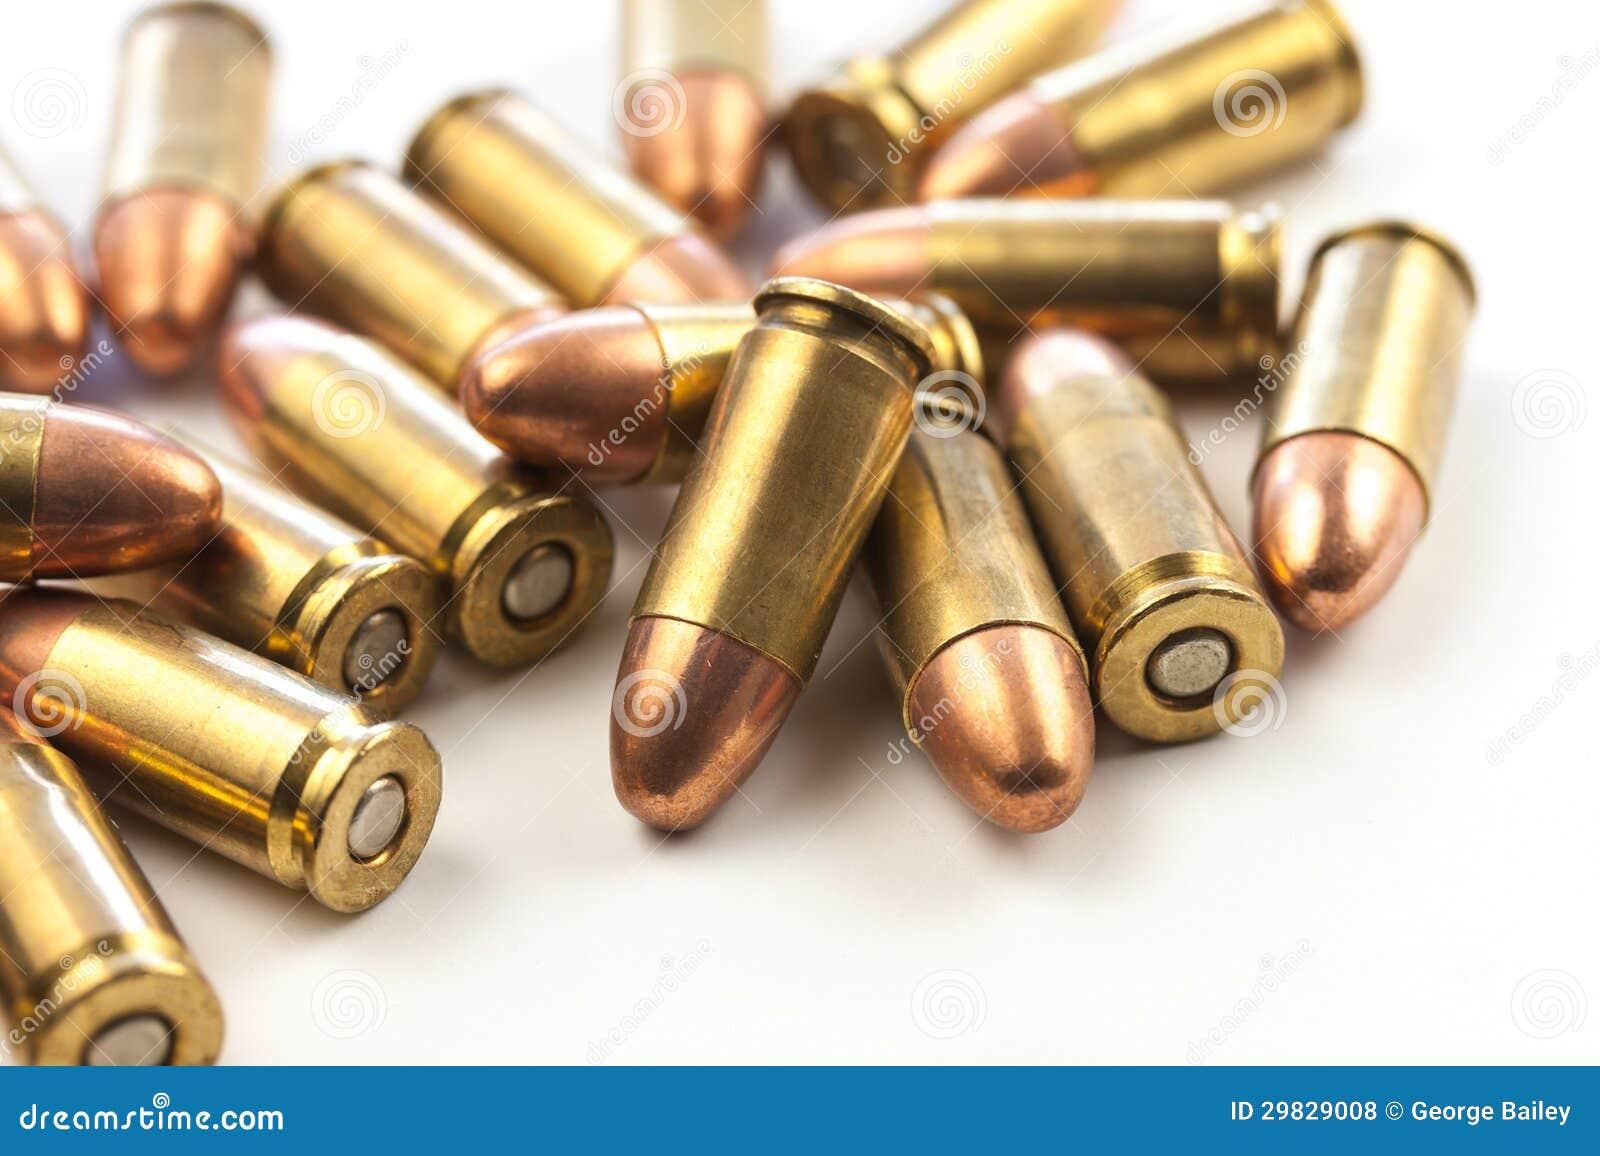 Grupo de balas de 9mm